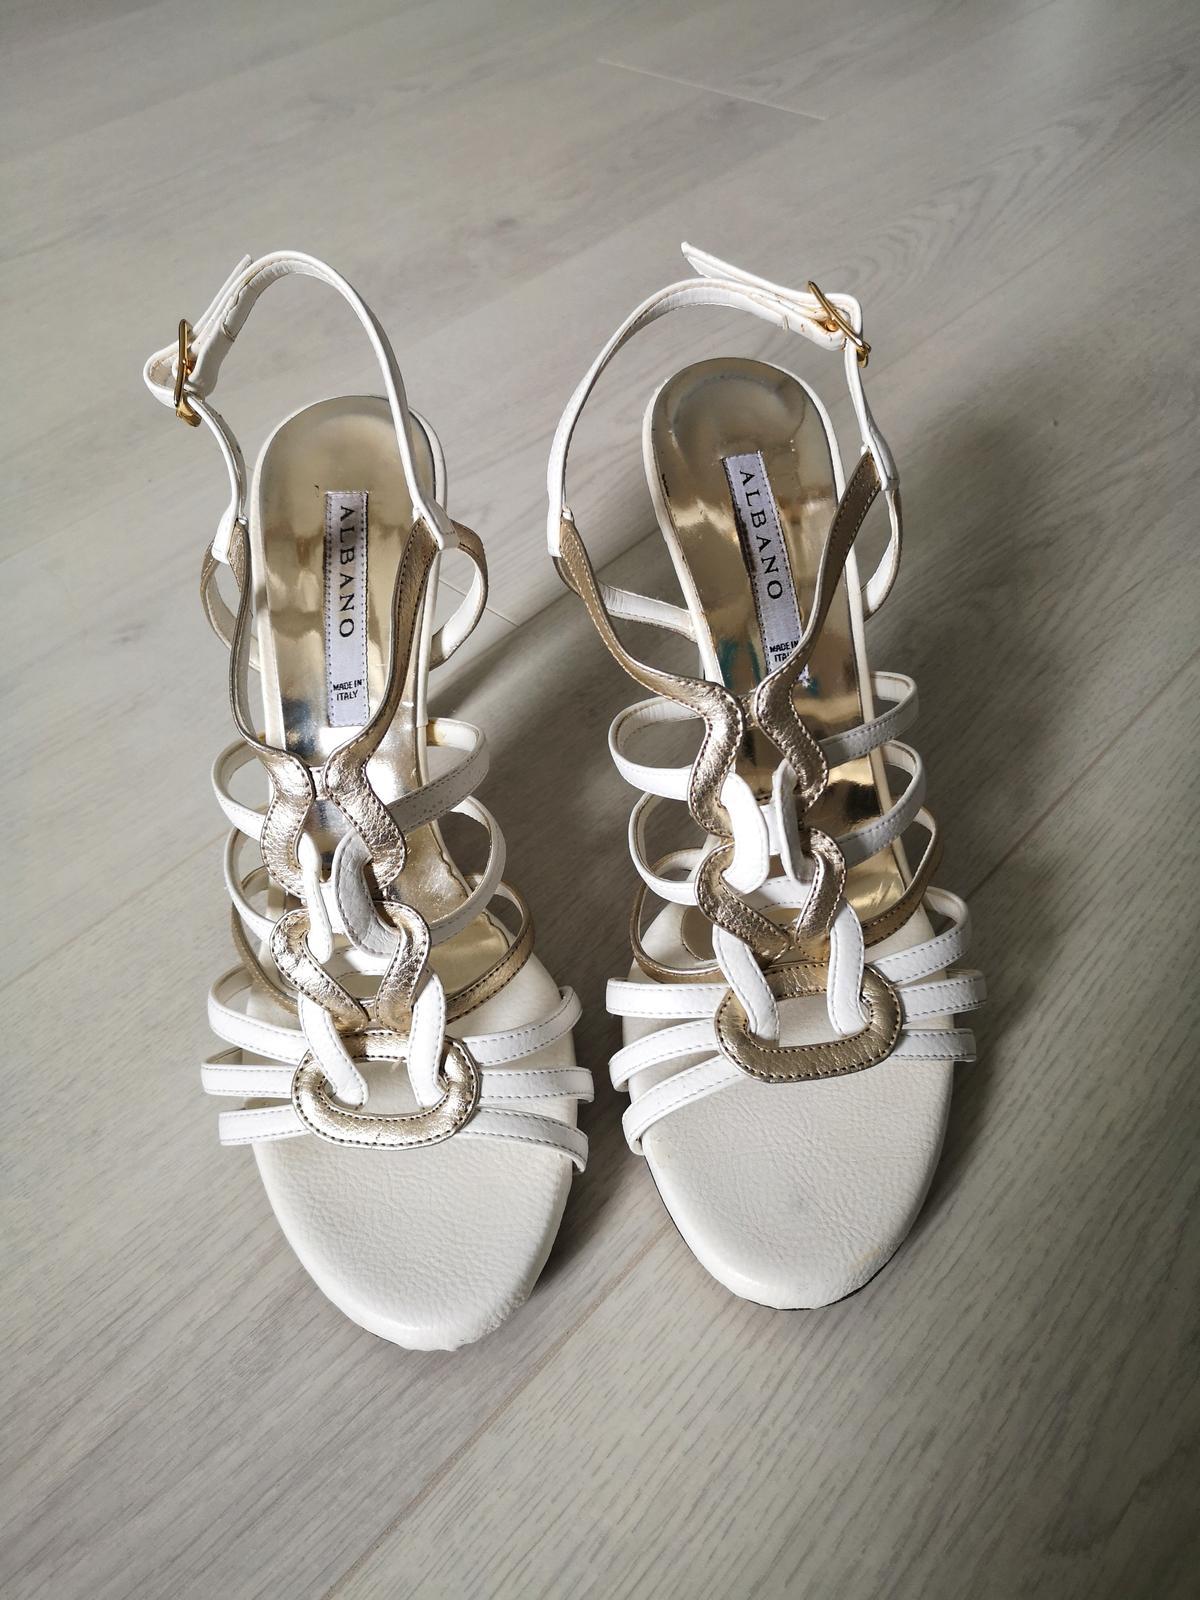 Svadobne sandale - Obrázok č. 4